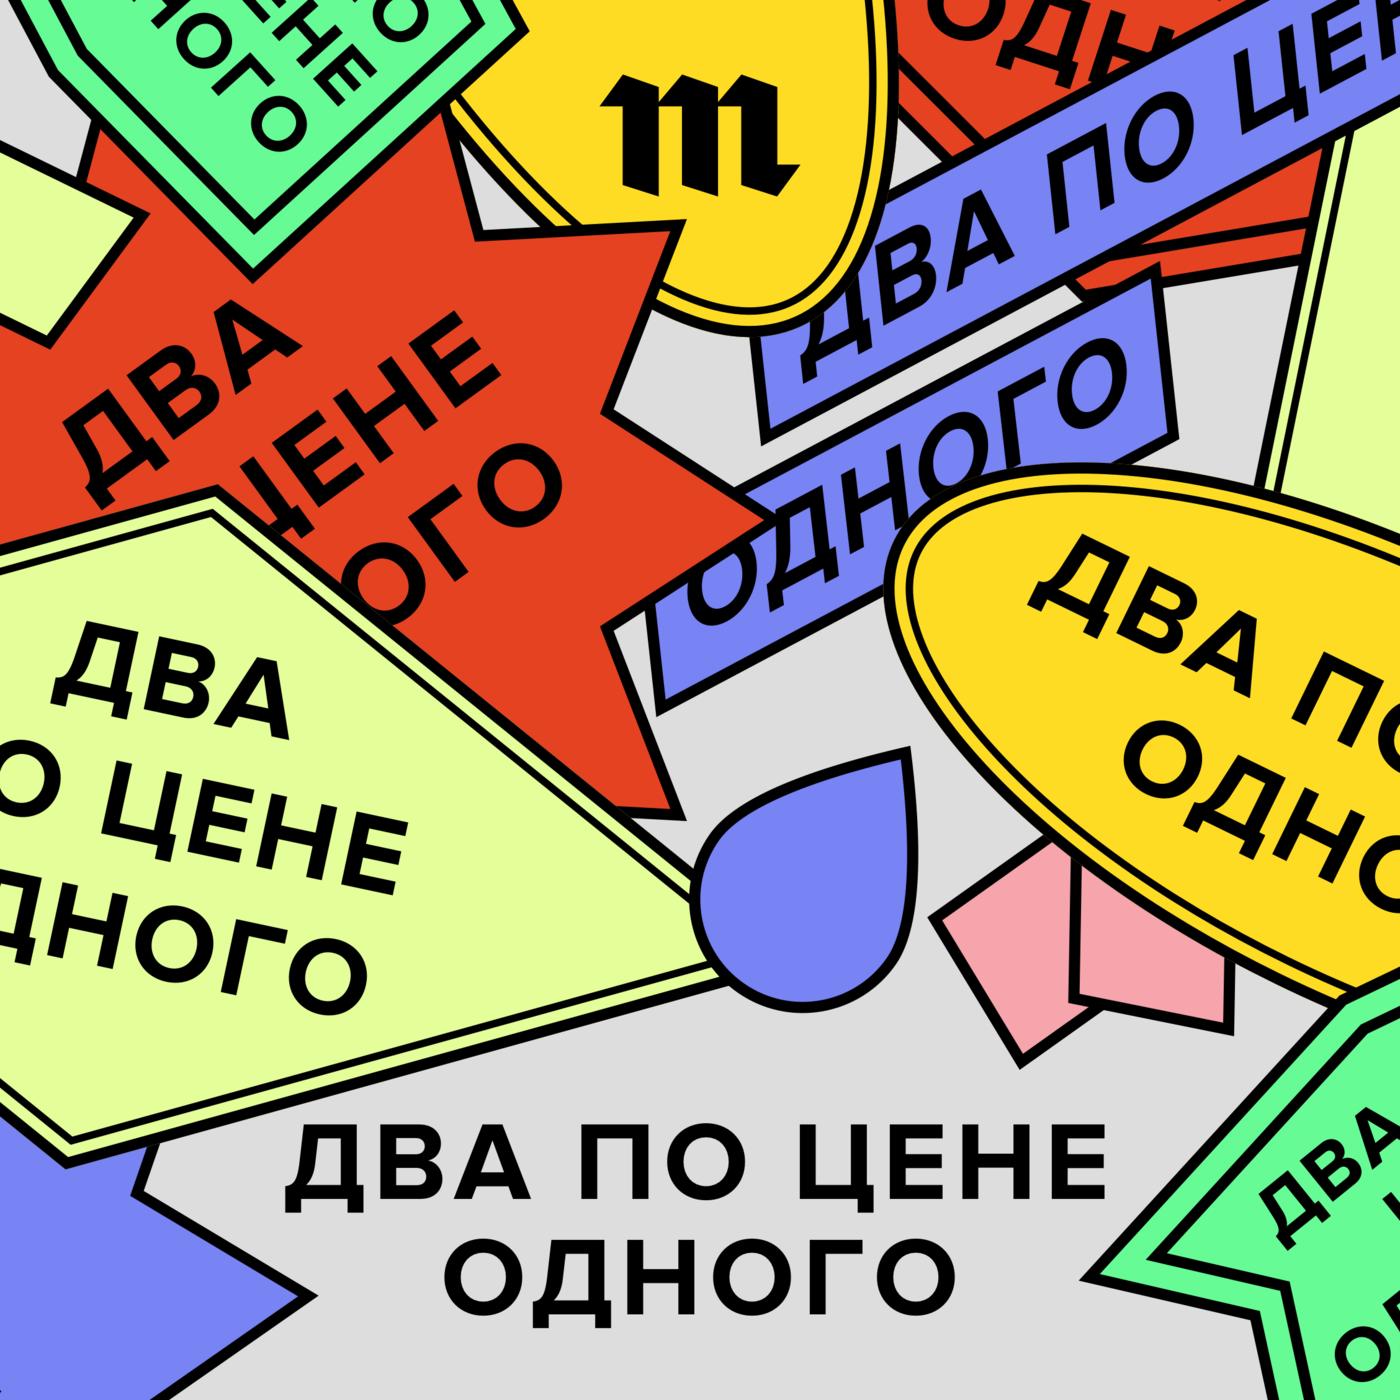 Илья Красильщик Когда начинать думать о пенсии? (Если это вообще имеет смысл) цены онлайн